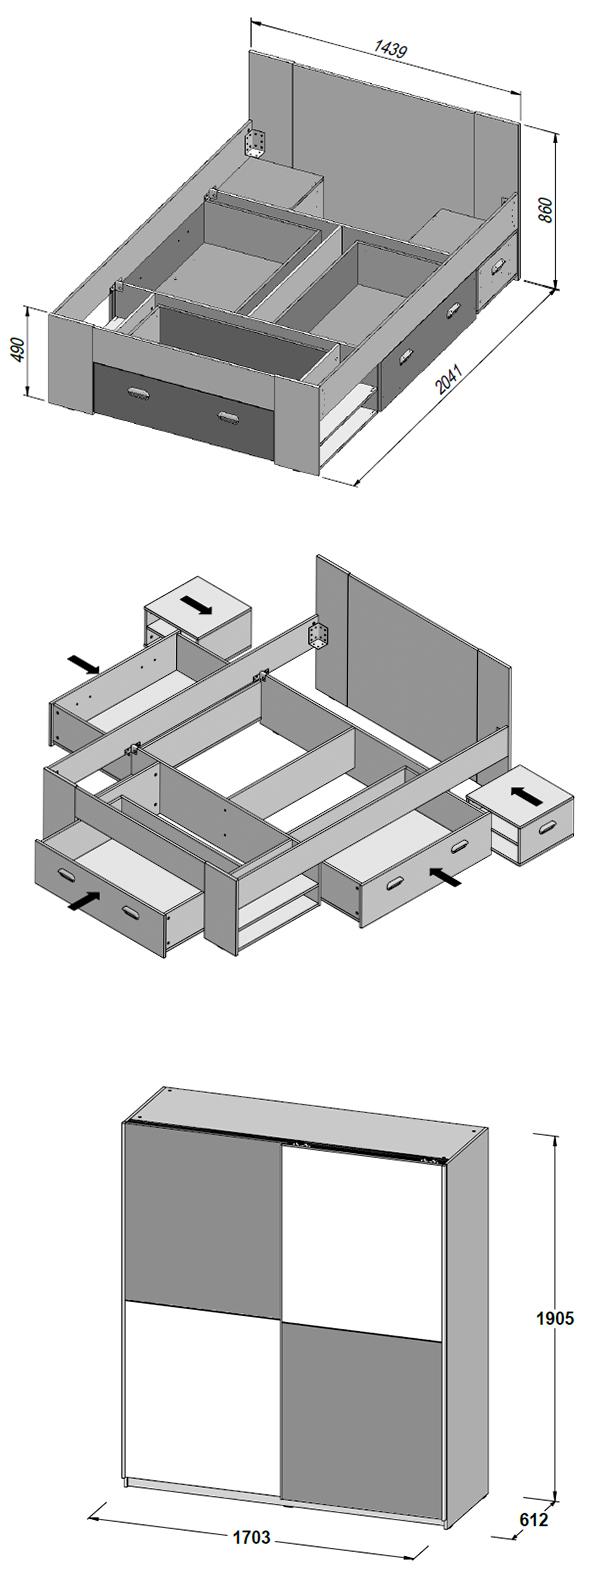 jugendzimmer set 2 teilig kleiderschrank bett beton lichtgrau wei 63011 ebay. Black Bedroom Furniture Sets. Home Design Ideas